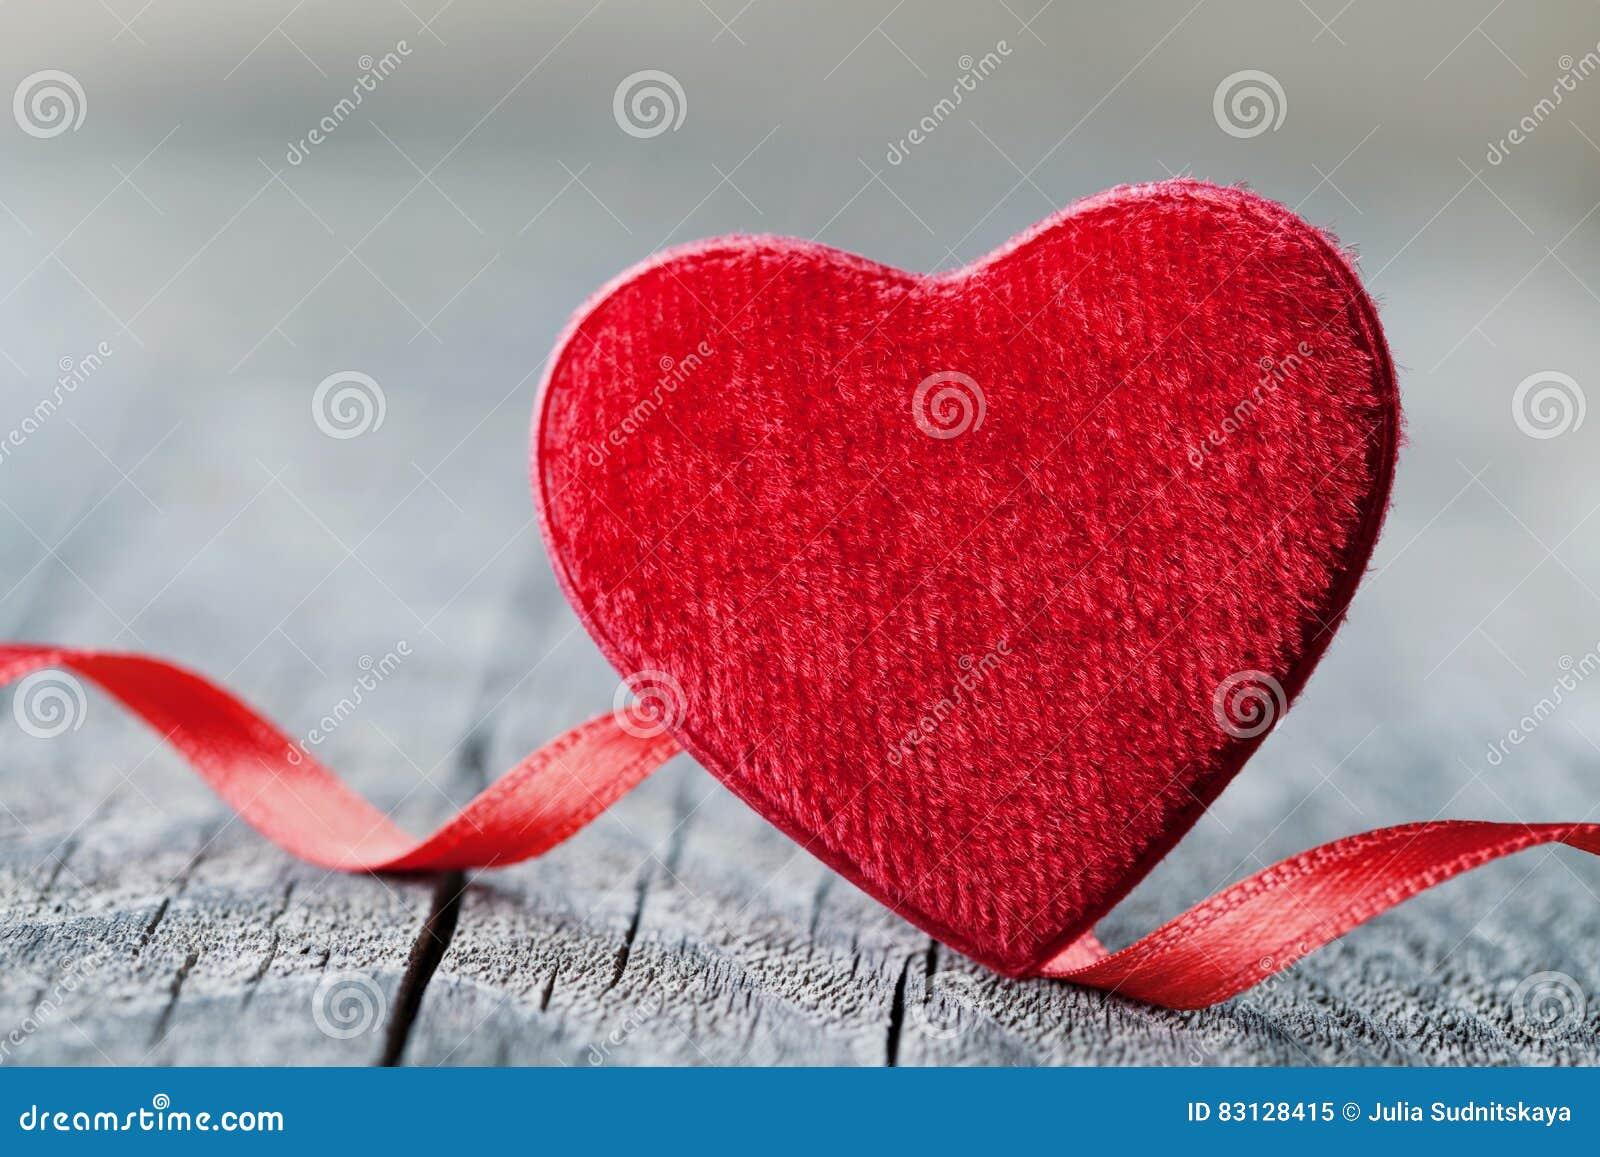 Grusskarte Am Heilig Valentinstag Mit Rotem Herzen Der Paare Auf